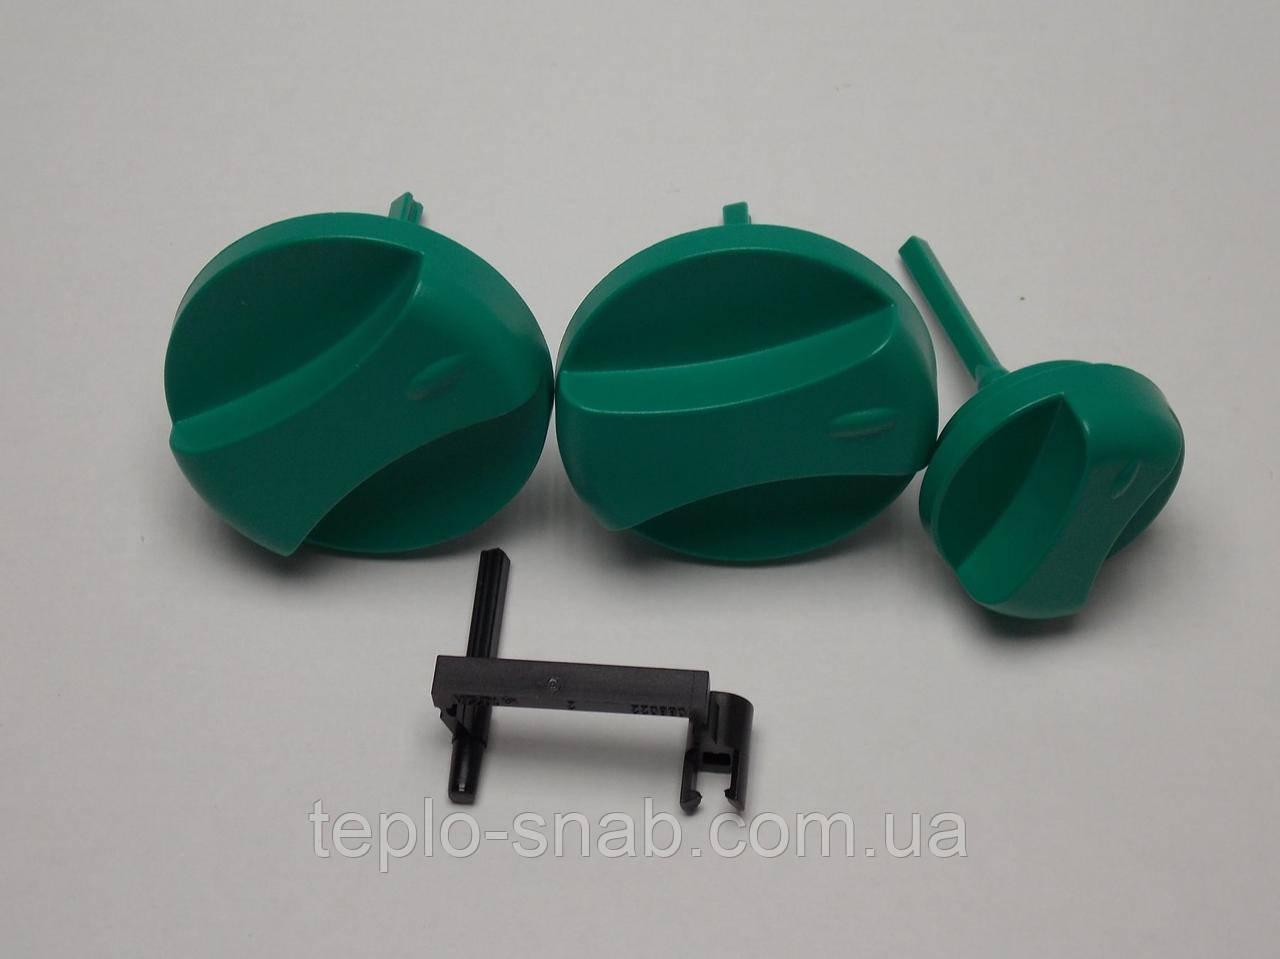 К-т ручок (зелених) управління/регулювання температури газового котла Vaillant MAX Pro/Plus. 11